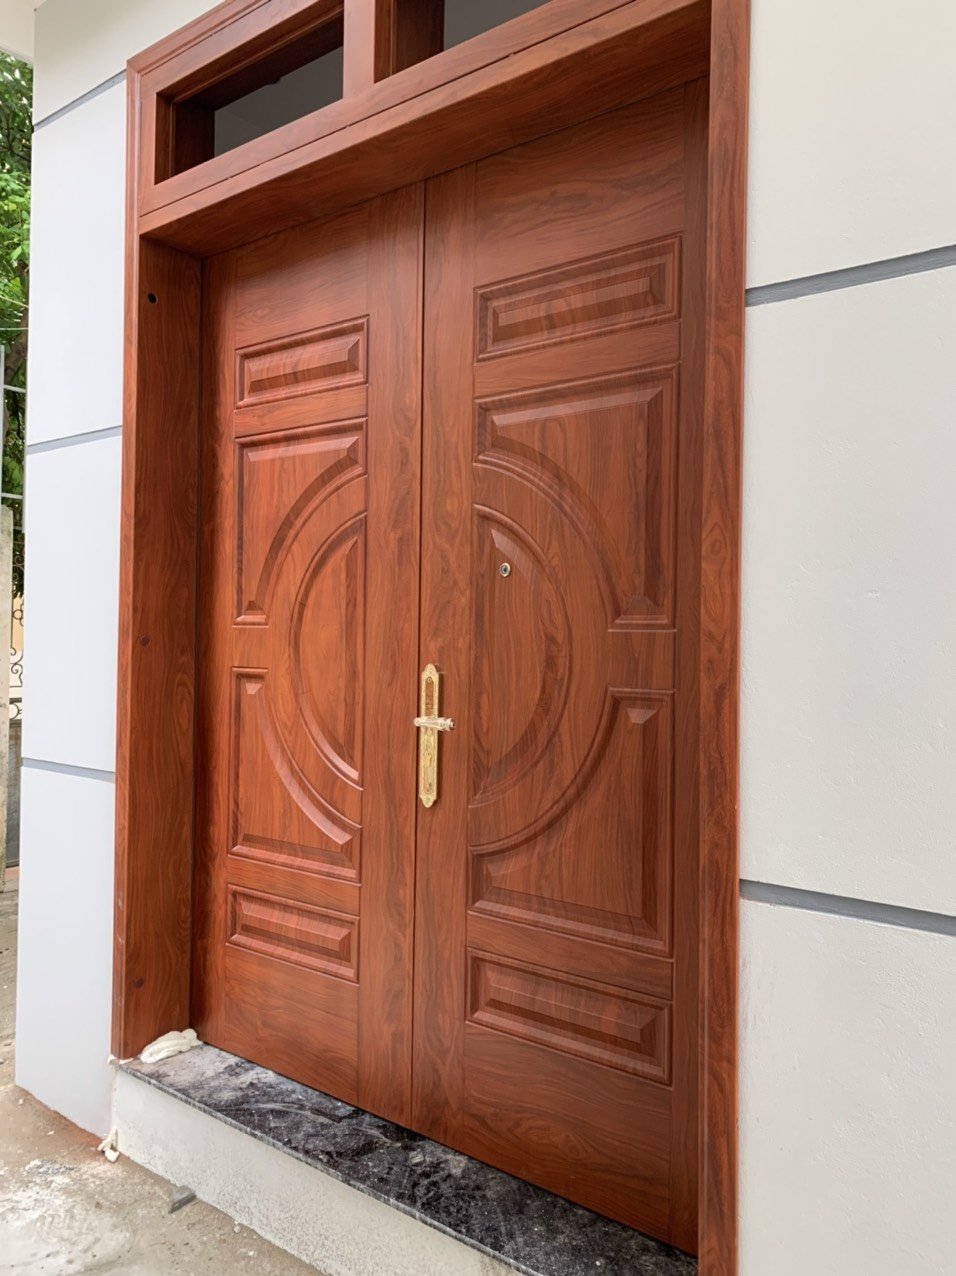 Tại sao cửa thép vân gỗ được nhiều người dùng?